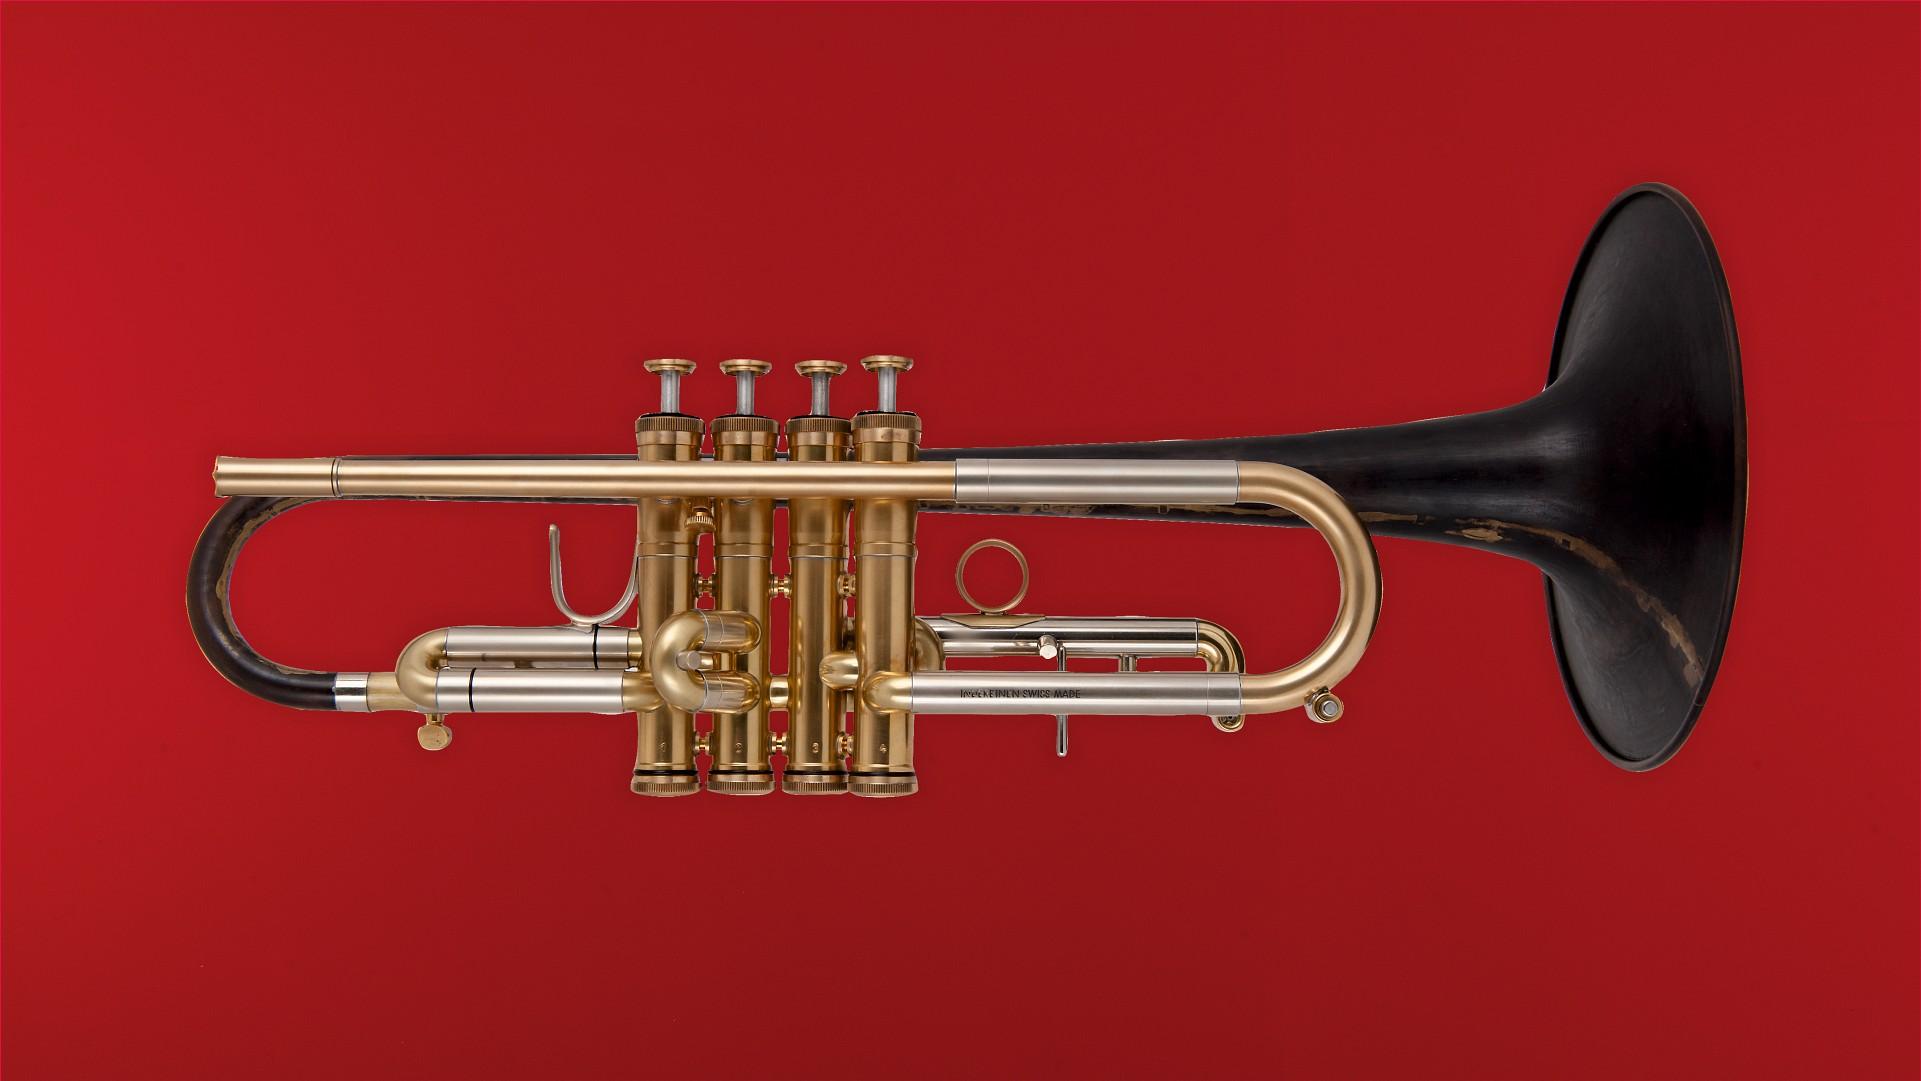 trompete_tricky_r_1920x1080px